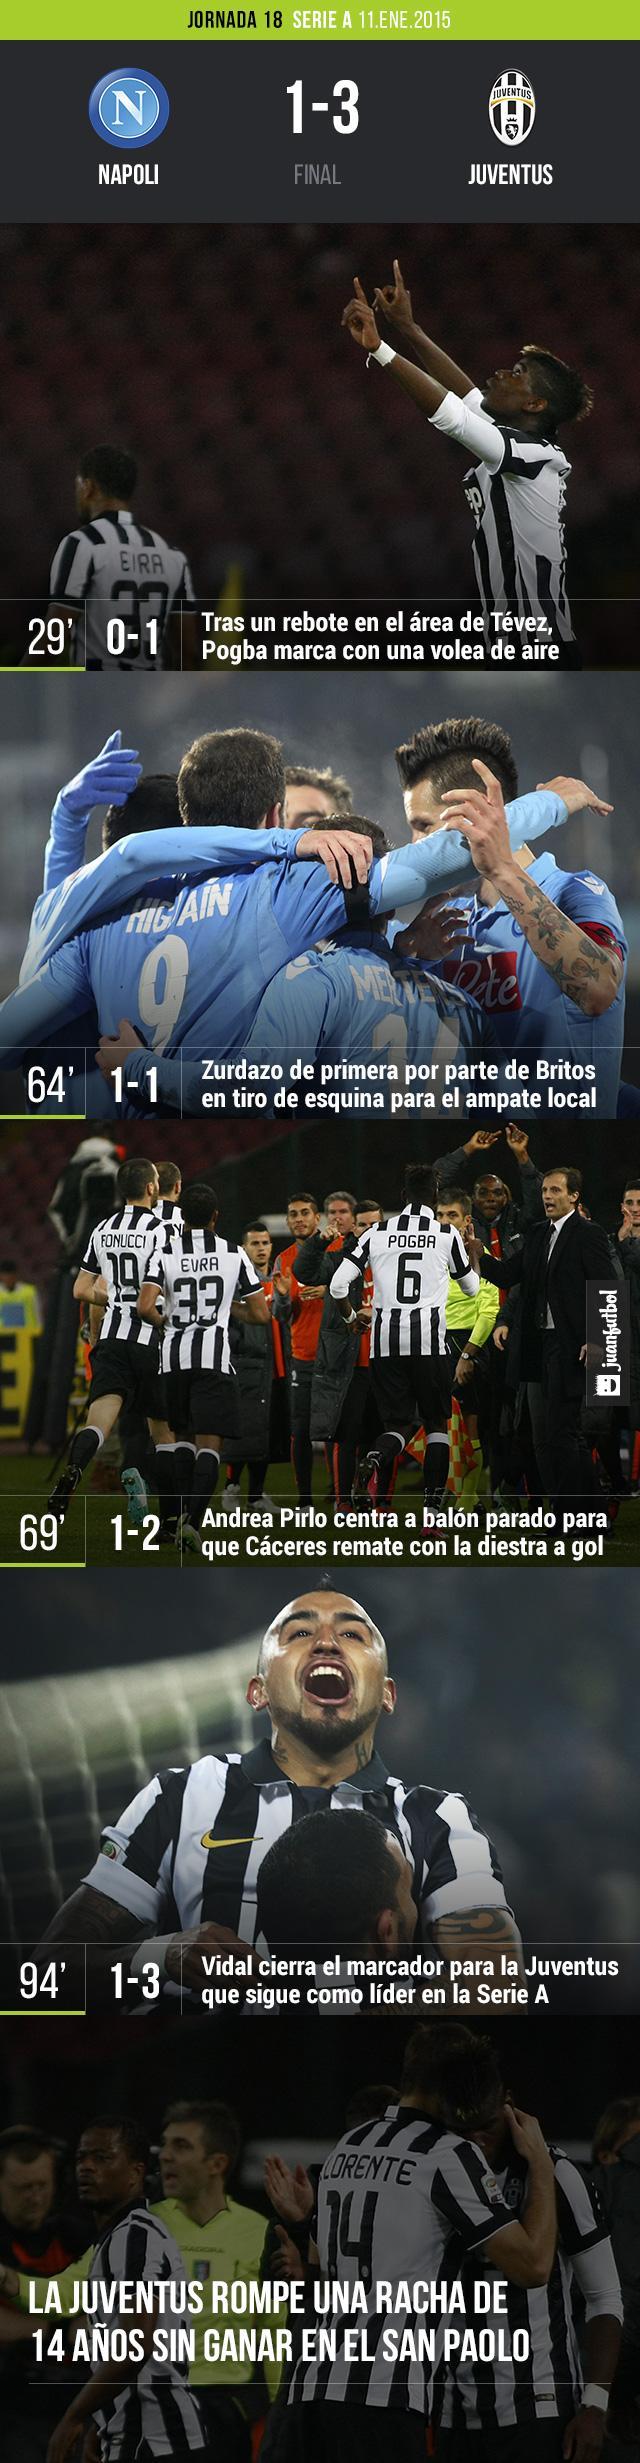 La Juventus vence a la Napoli 1-3 en el San Paolo con goles de Pogba, Cáceres y Vidal